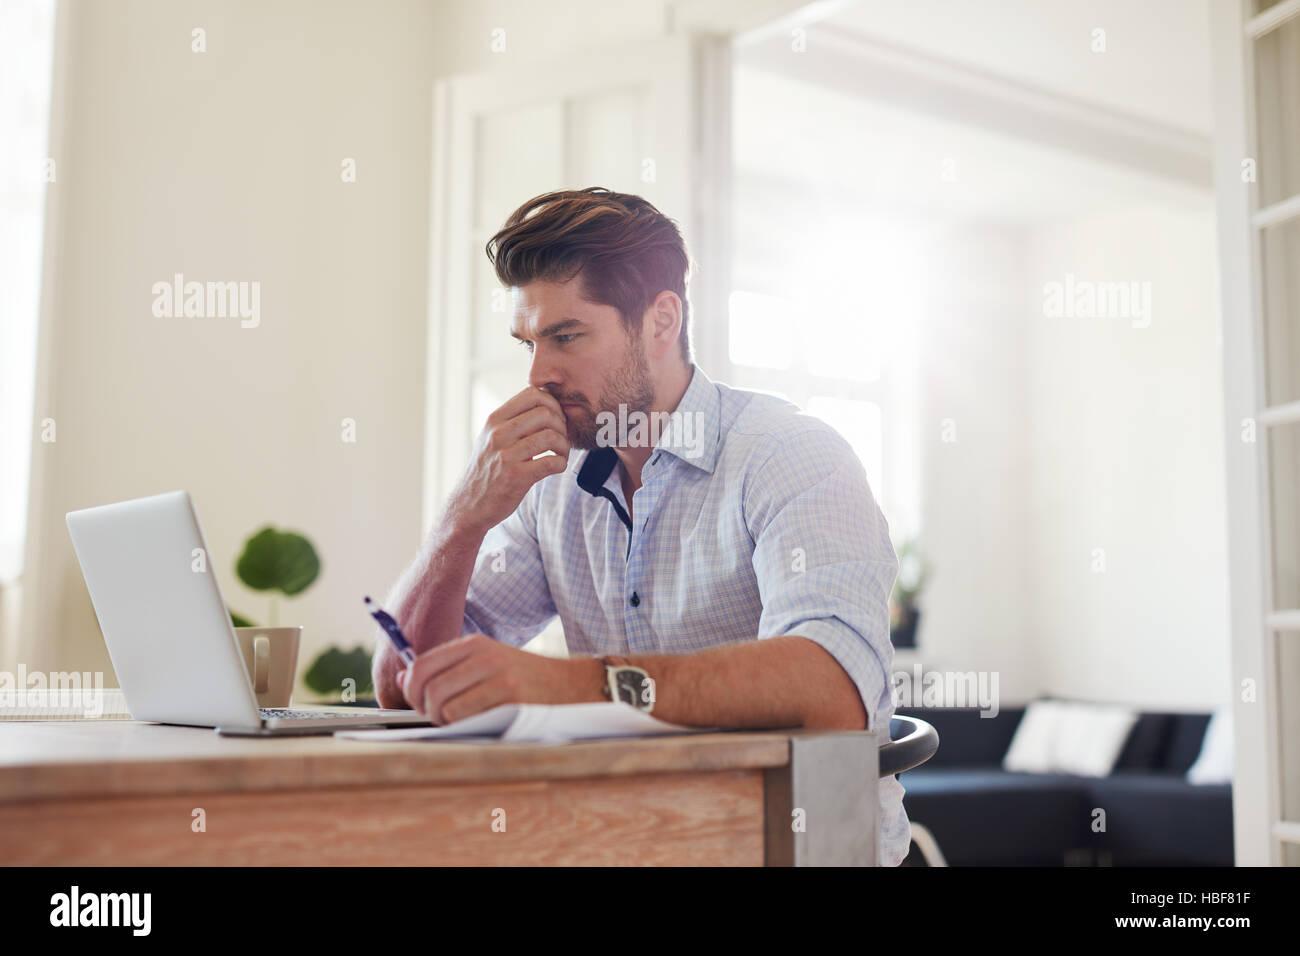 Richtungskontrolle Ansicht des nachdenklichen jungen Mann zu Hause sitzen und arbeiten am Laptop. Kaukasischen Männchen Stockbild